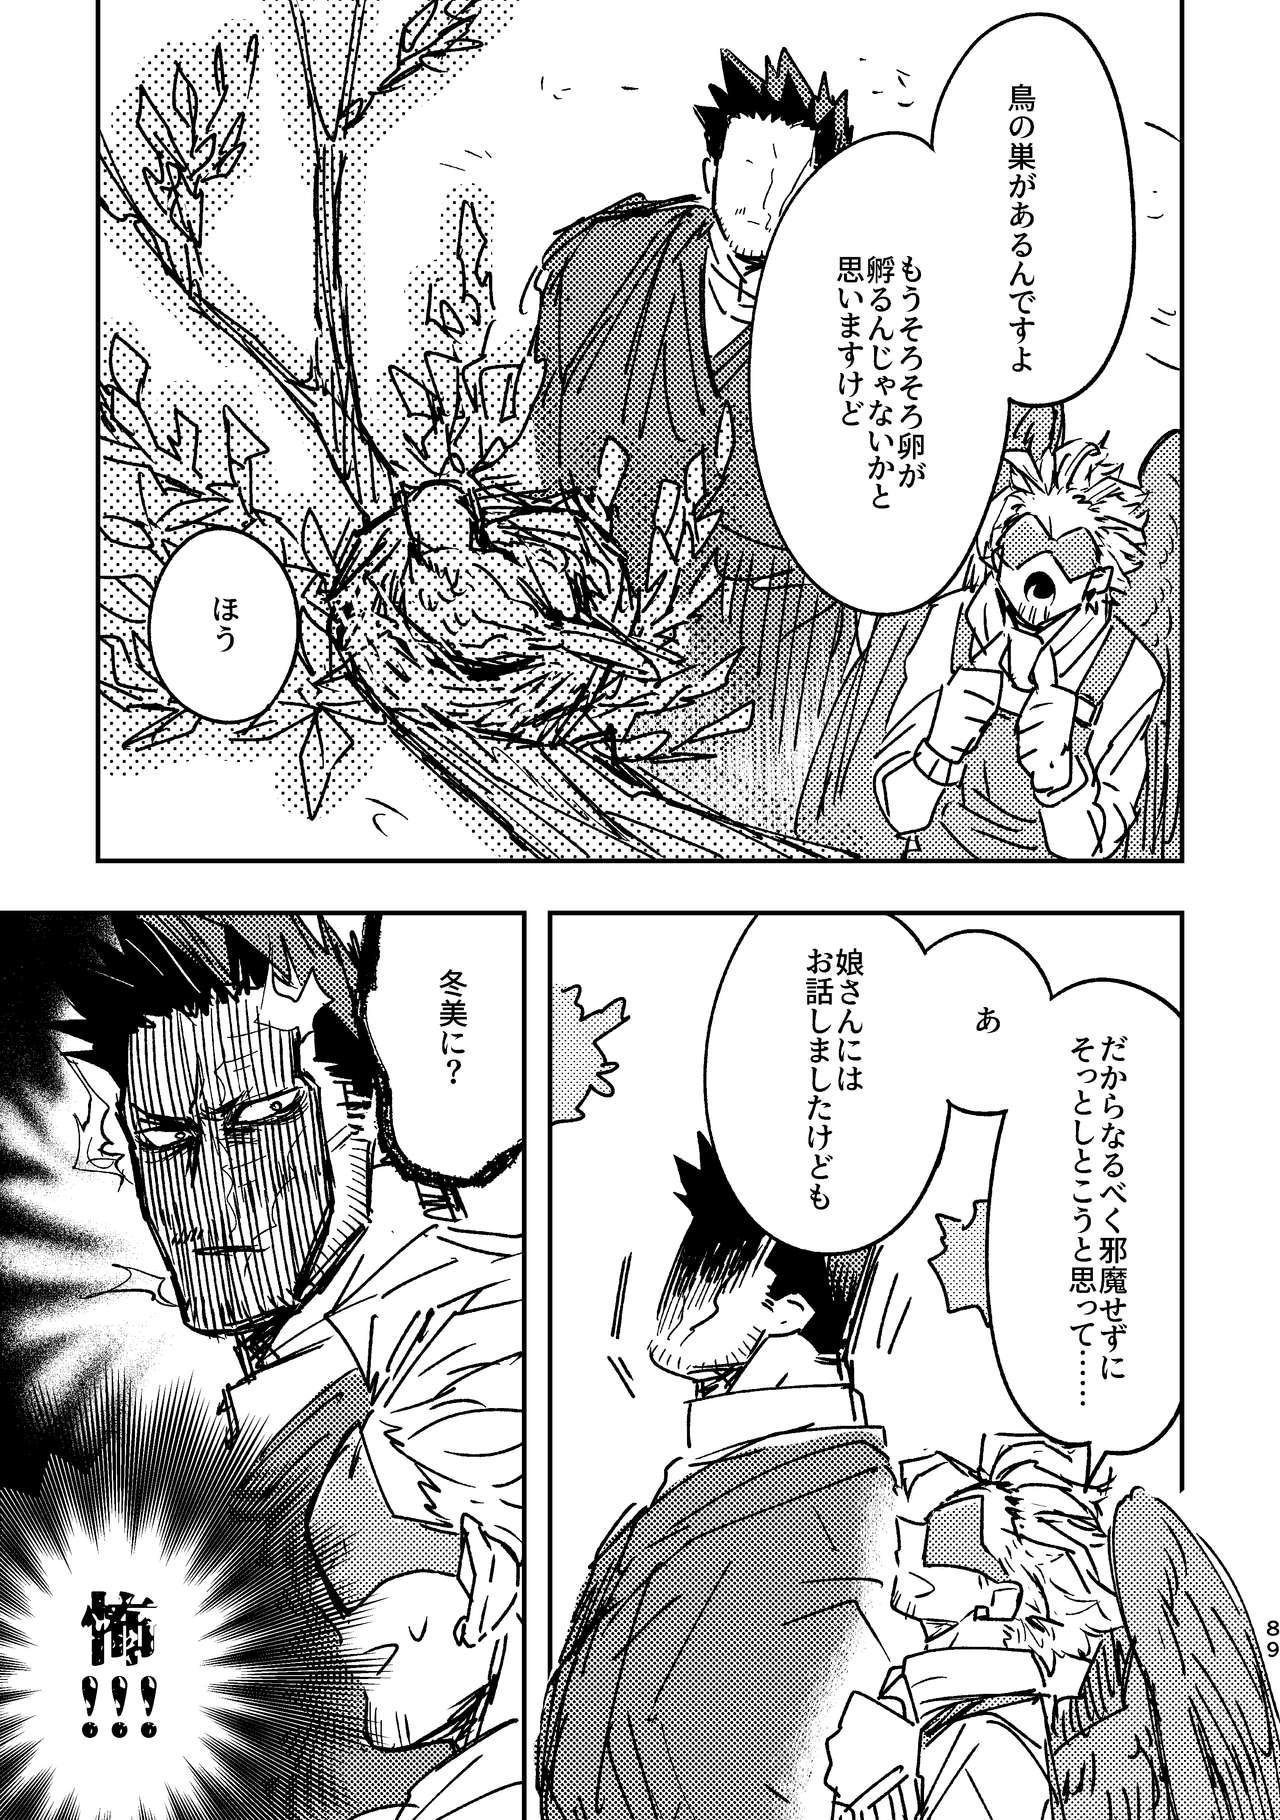 WEB Sairoku Zumi HawEn Manga ga Kami demo Yomeru Hon. 88